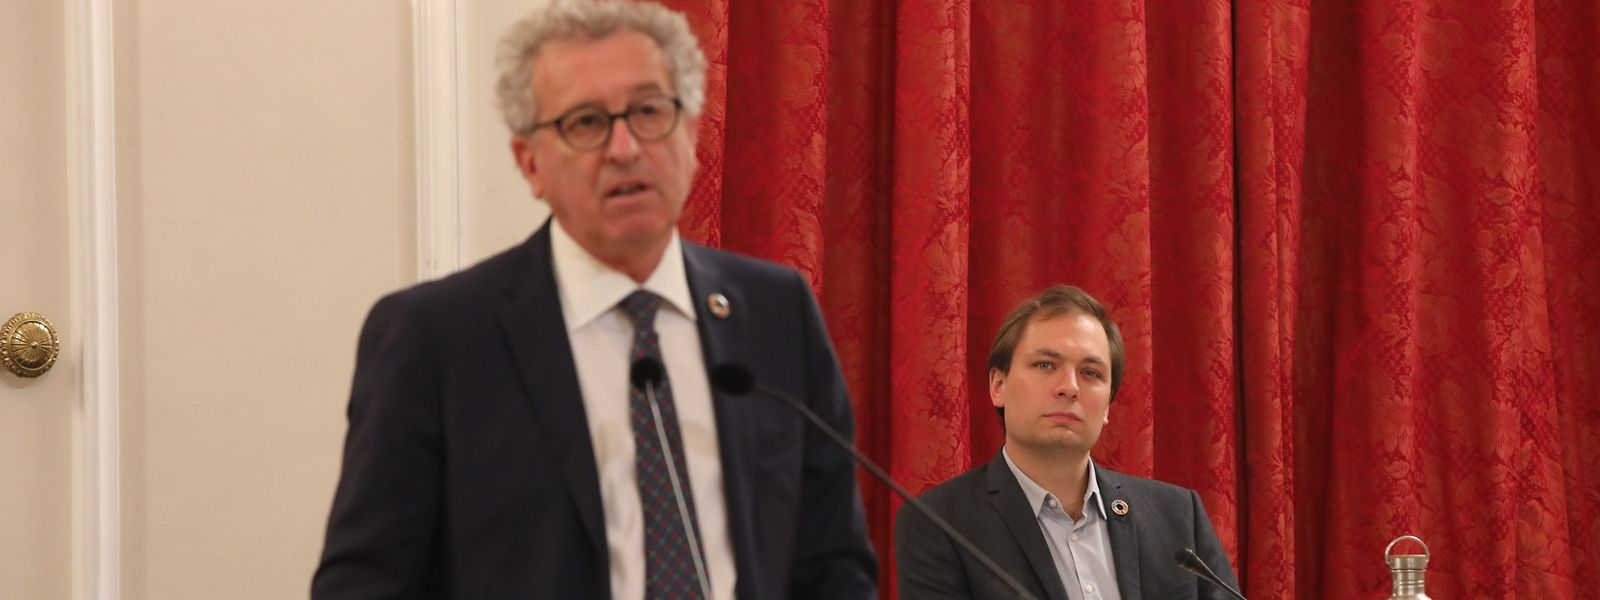 Der diesjährige Budget-Berichterstatter François Benoy (rechts, Déi Gréng) hörte dem Finanzminister besonders aufmerksam zu.